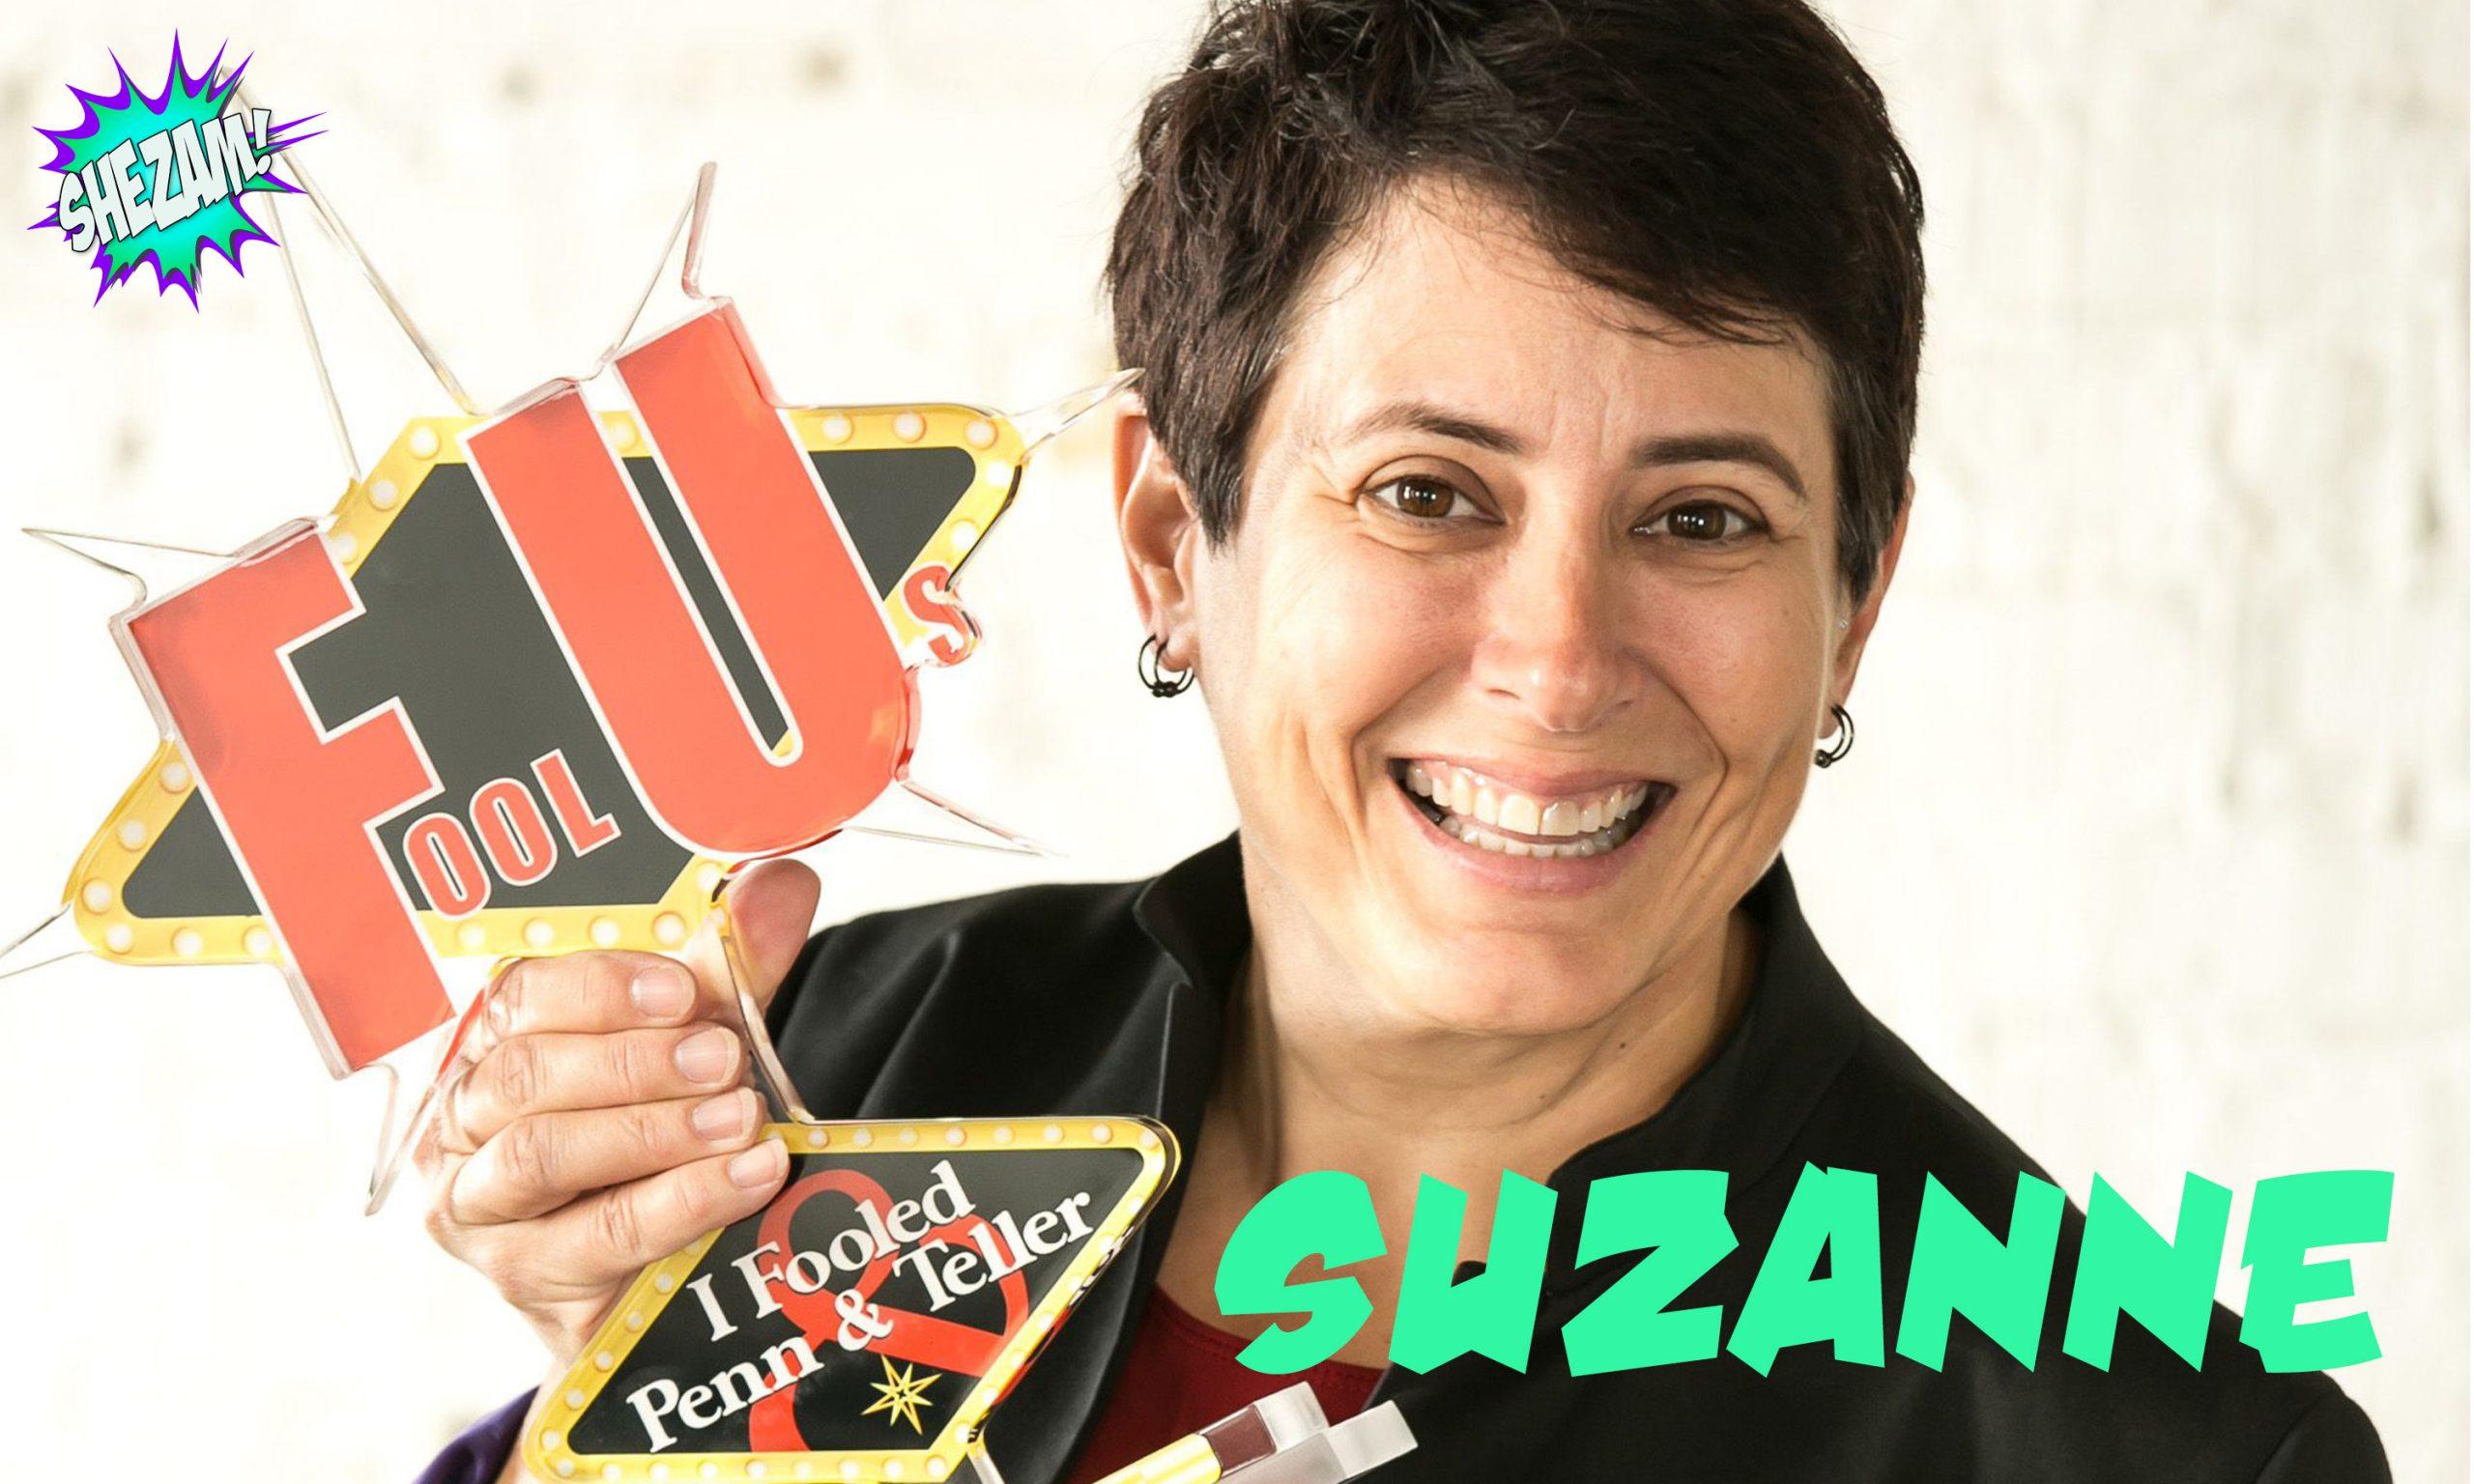 067-Suzanne the Magician